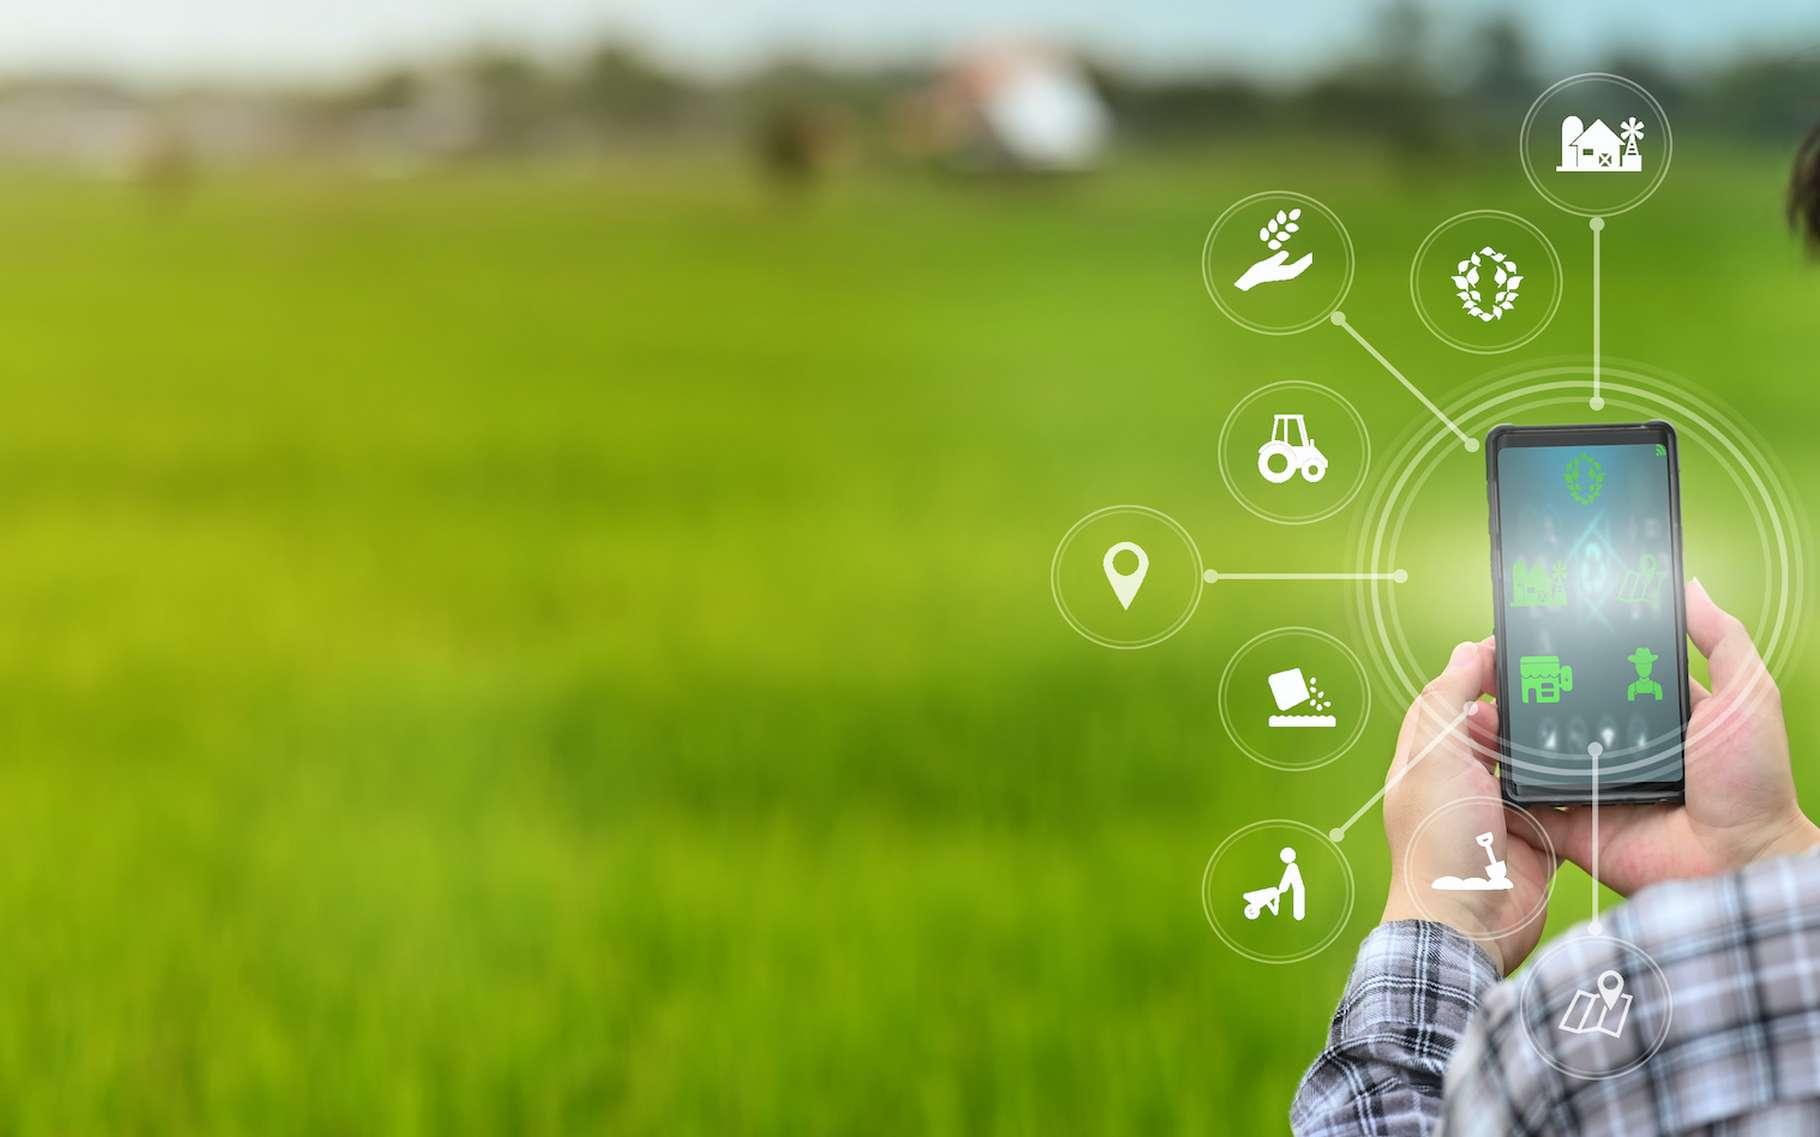 Les innovations technologiques investissent aussi les champs et profitent à des agriculteurs soucieux de s'intégrer dans un modèle de développement durable. © sodawhiskey, Adobe Stock